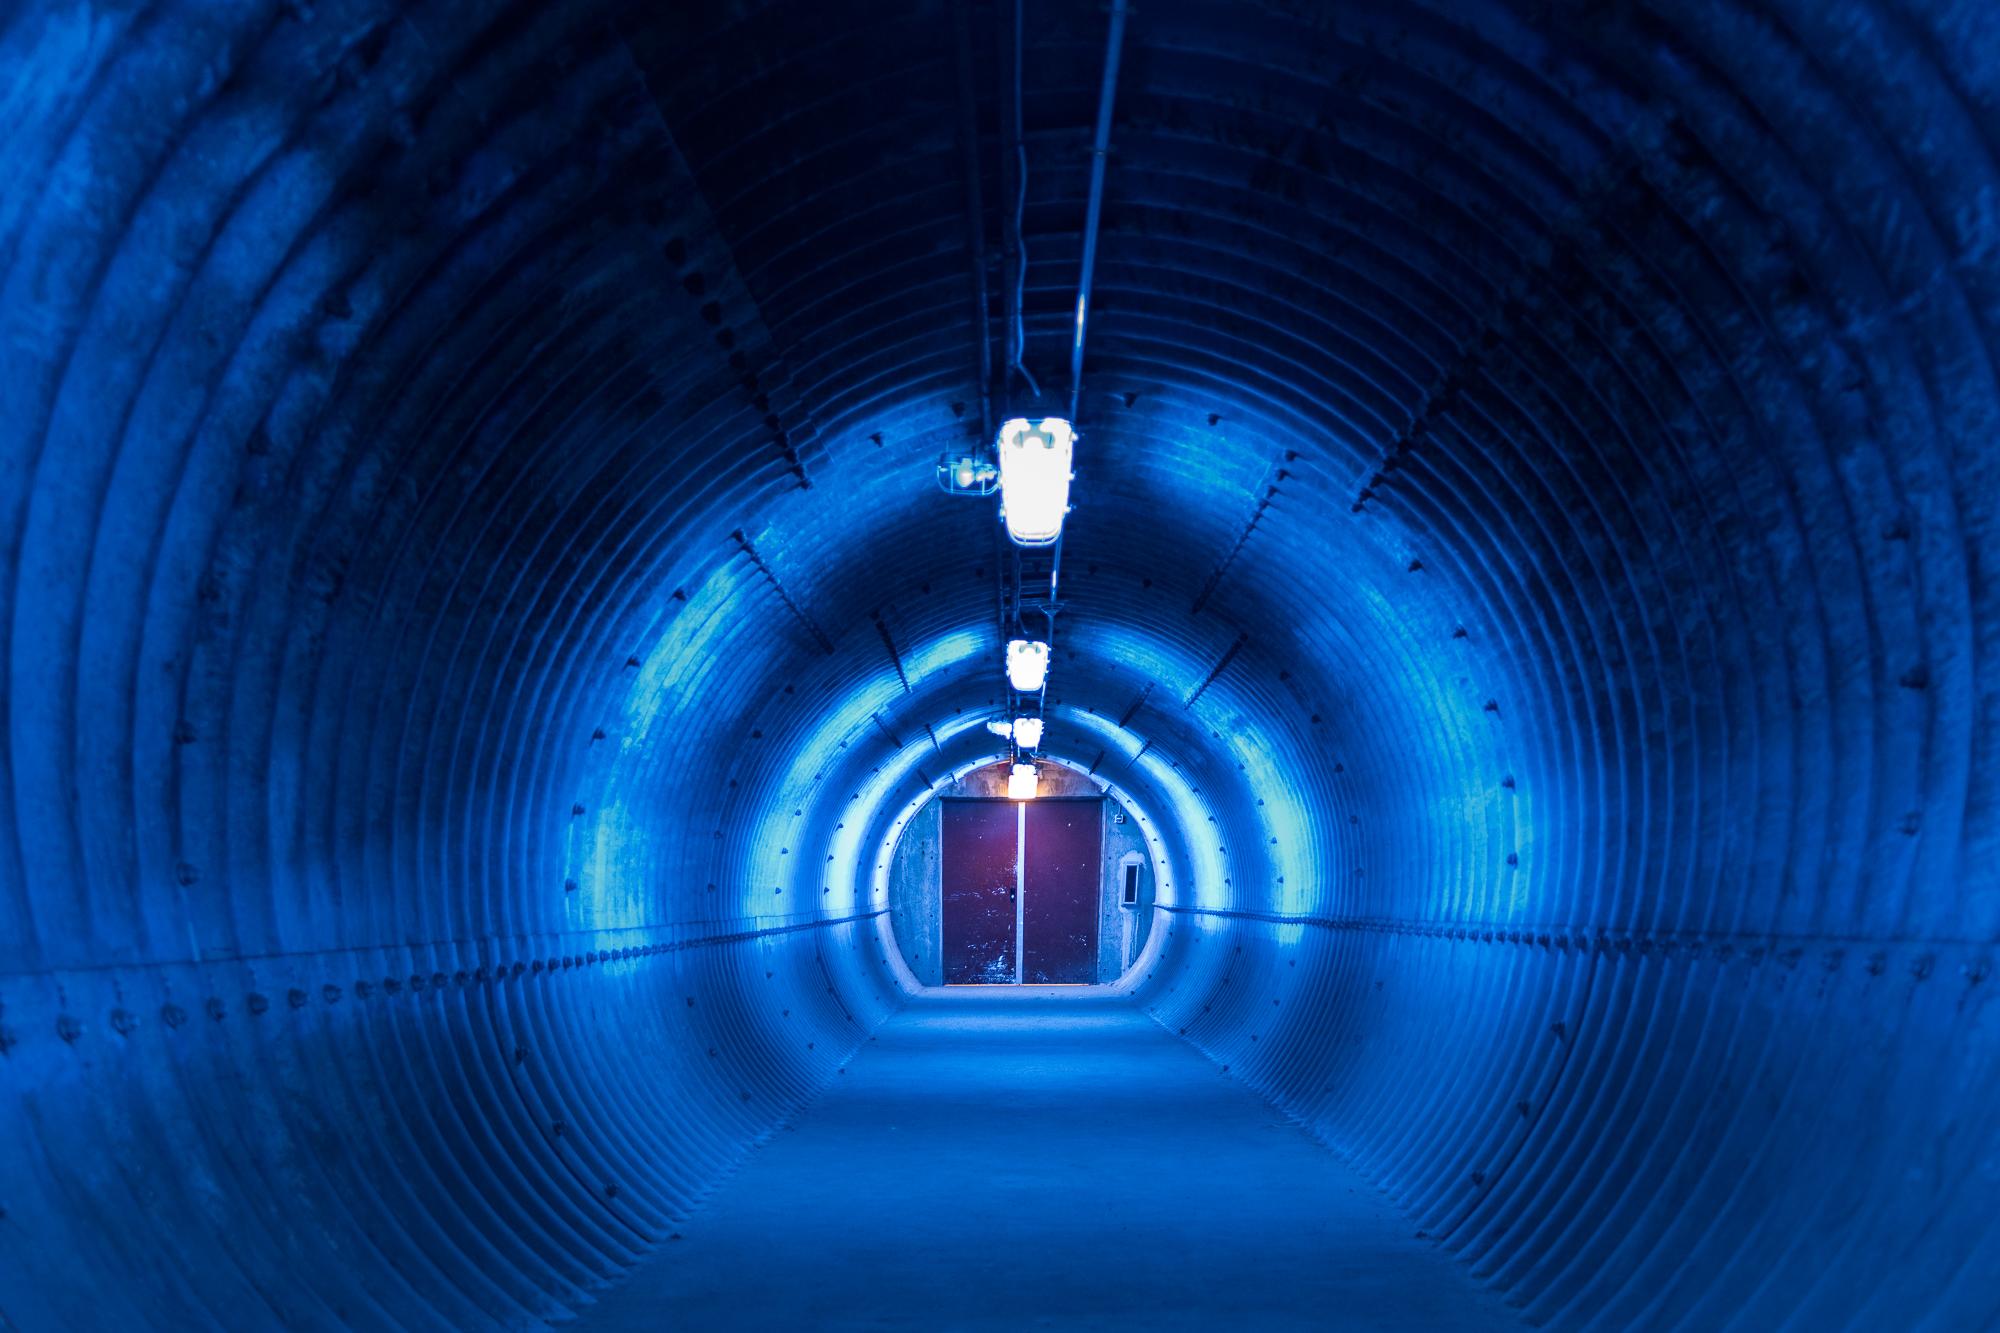 Lichtkunst in een tunnelbuis.